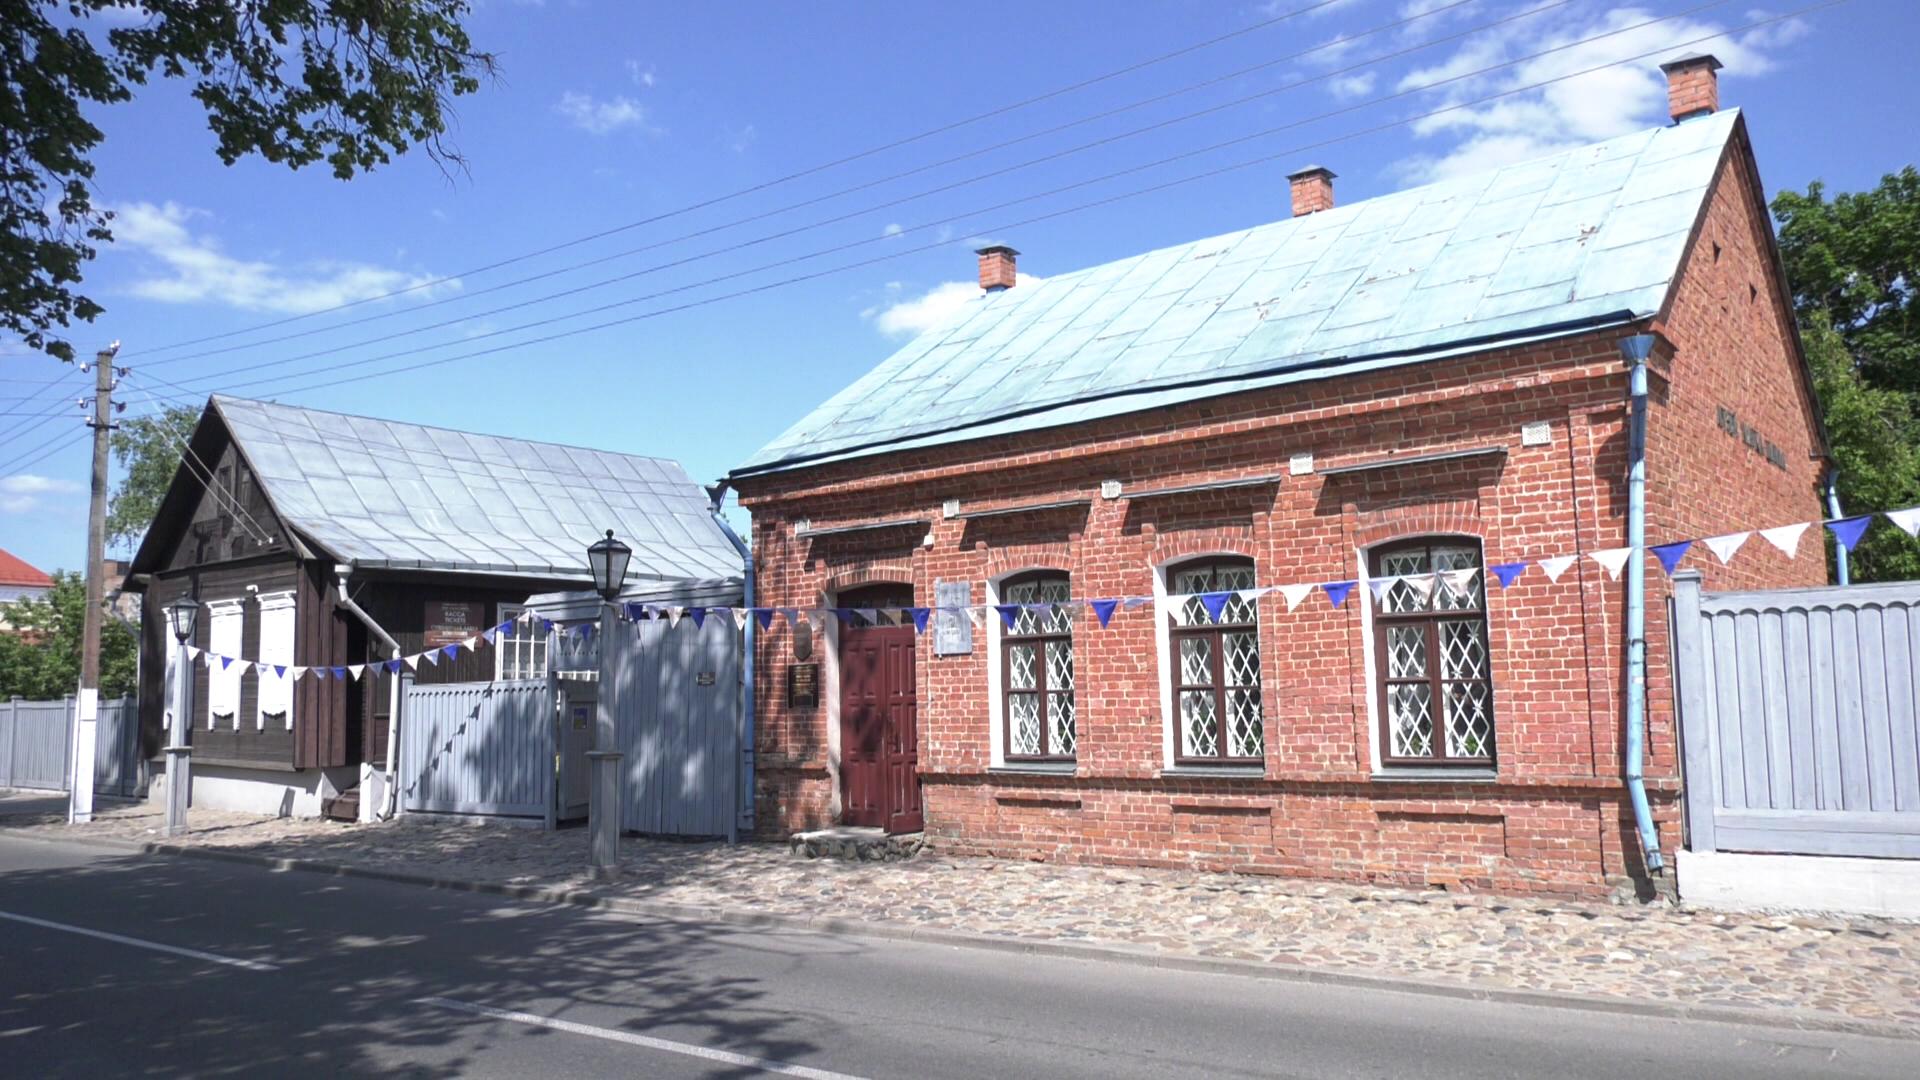 shagal - В Витебске отметили 134-й день рождения Марка Шагала (09.07.2021)